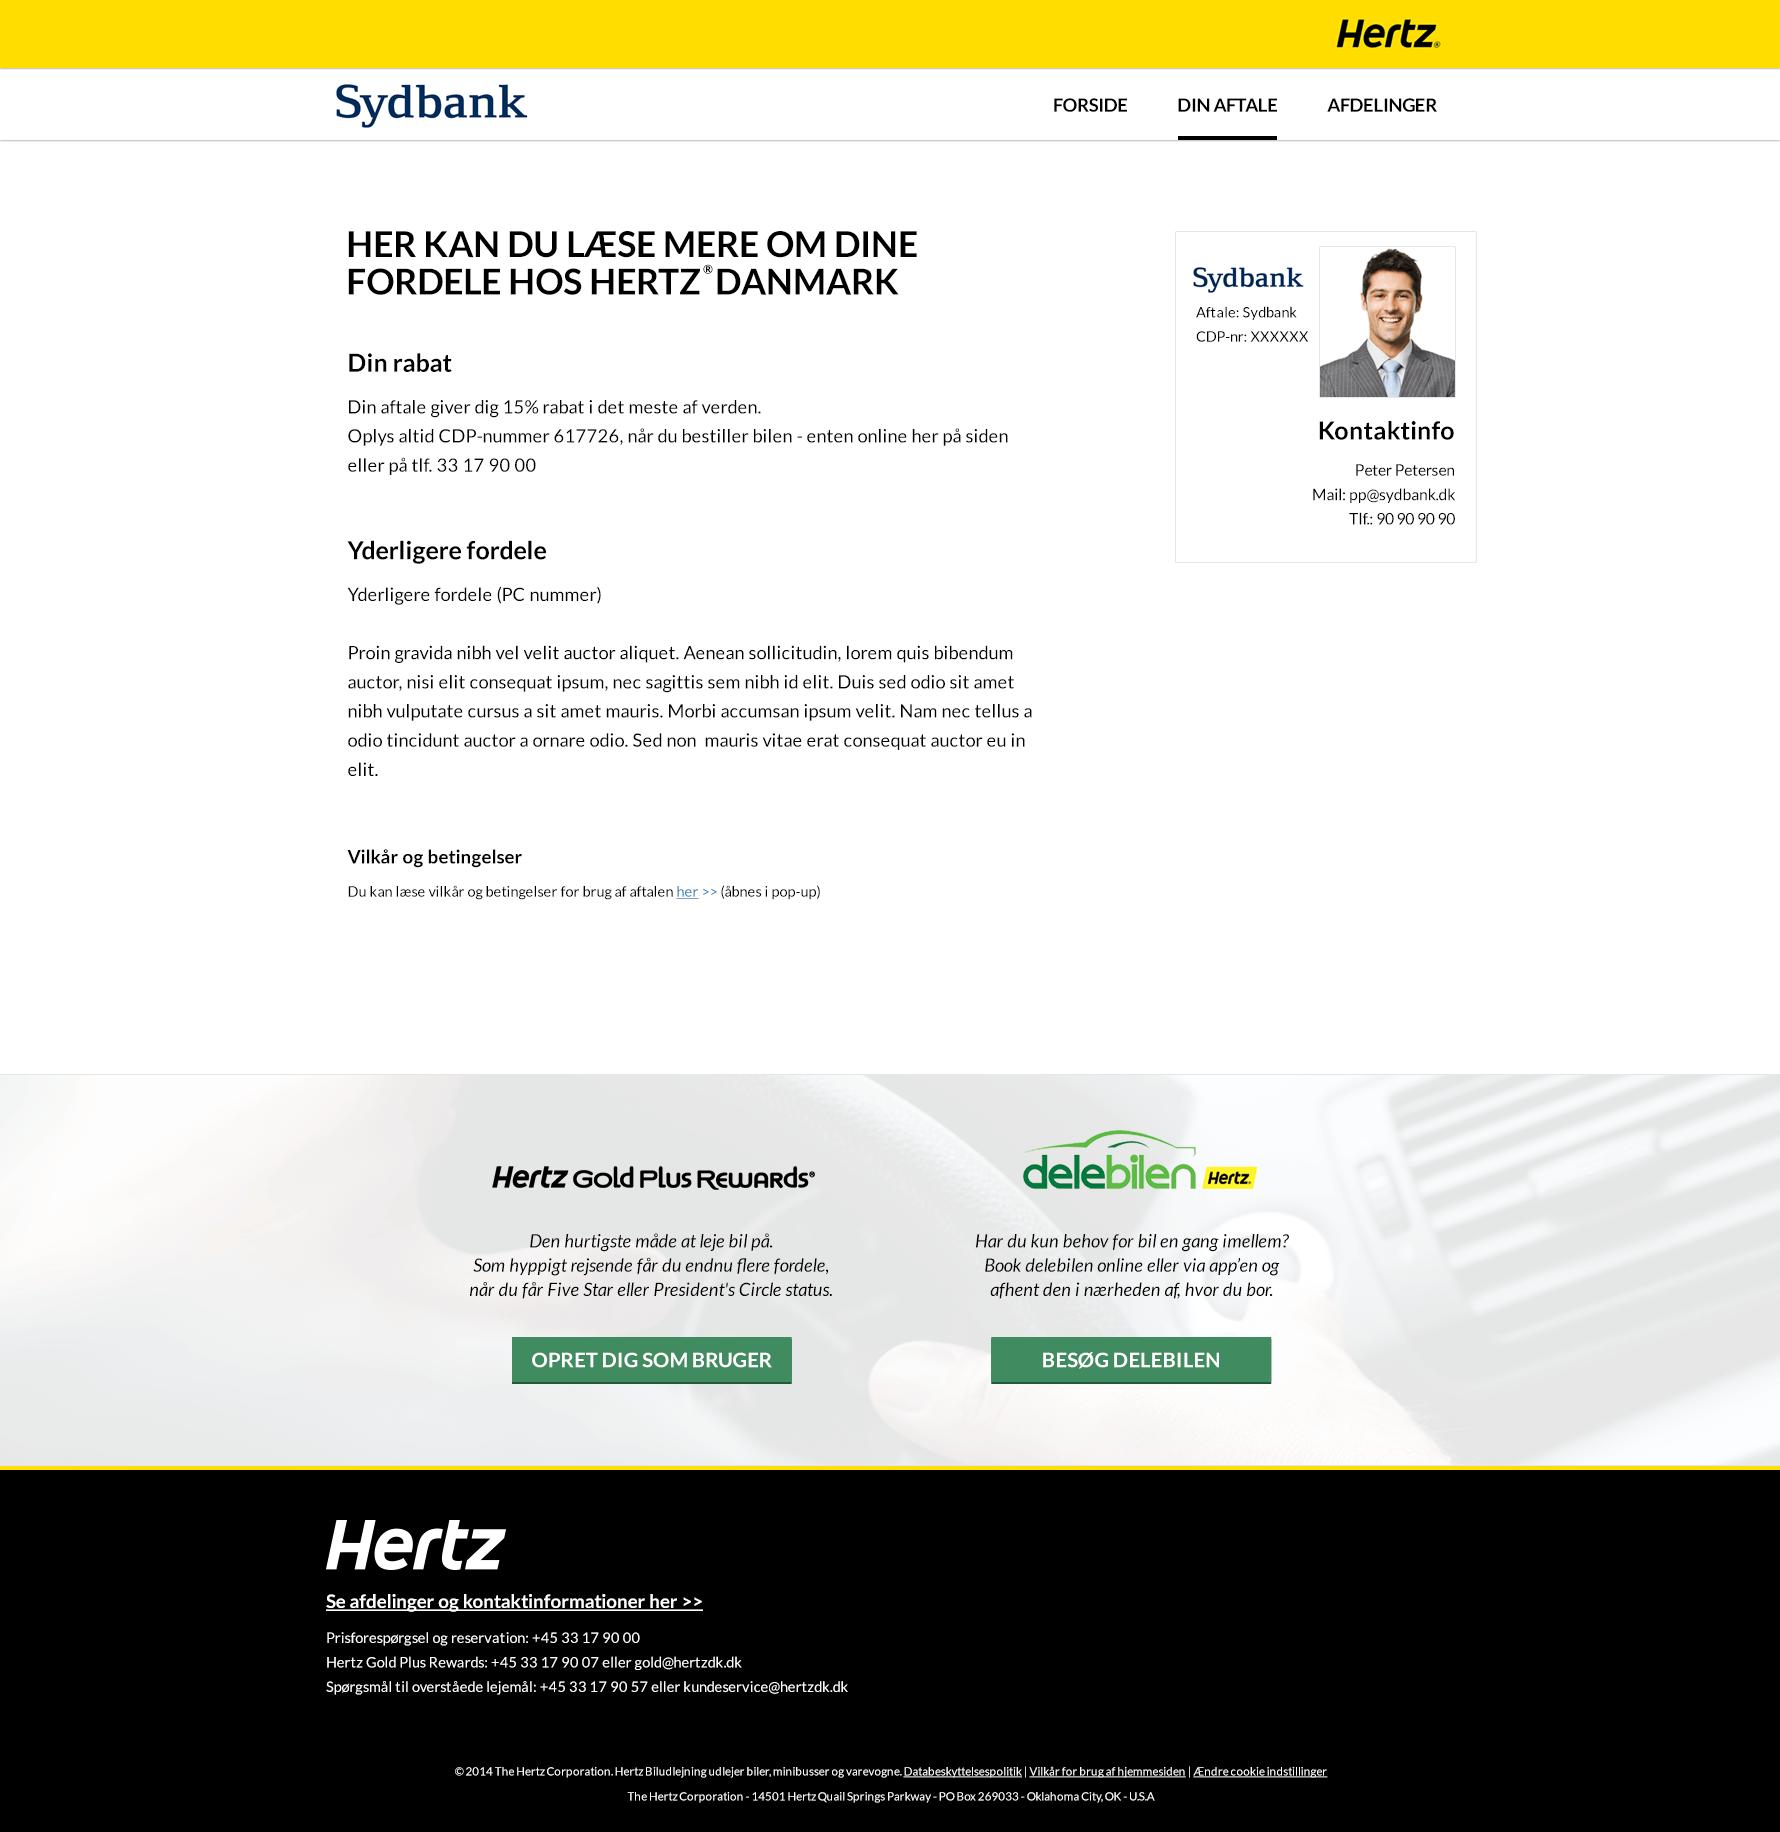 Hertz din aftale - MBR site webdesign